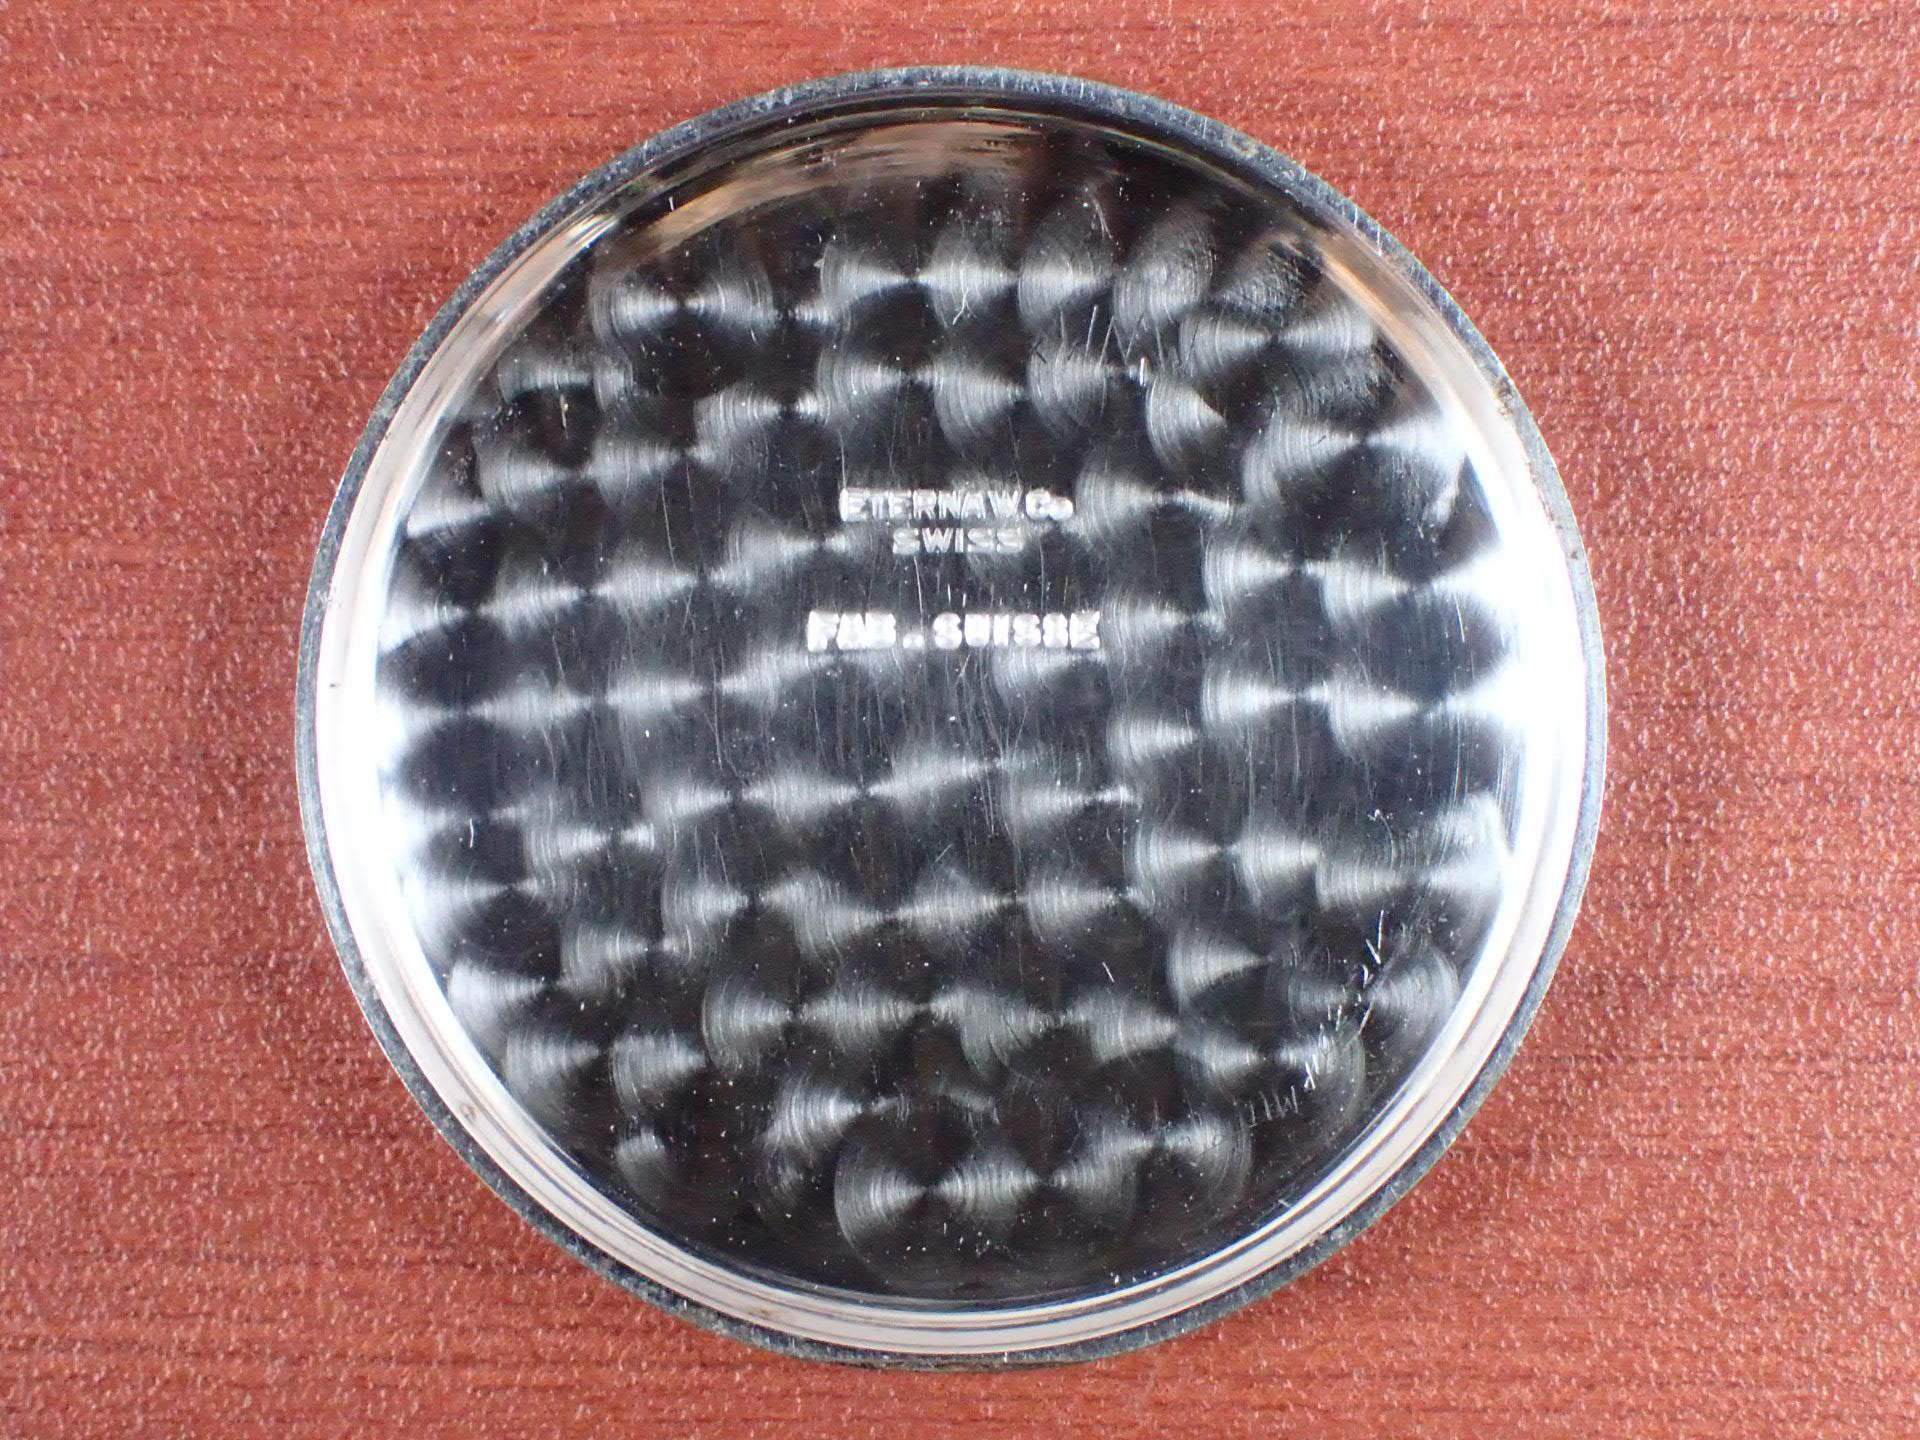 エテルナ クロノグラフ Cal.Valjoux22 シリンダーケース 1930年代の写真6枚目